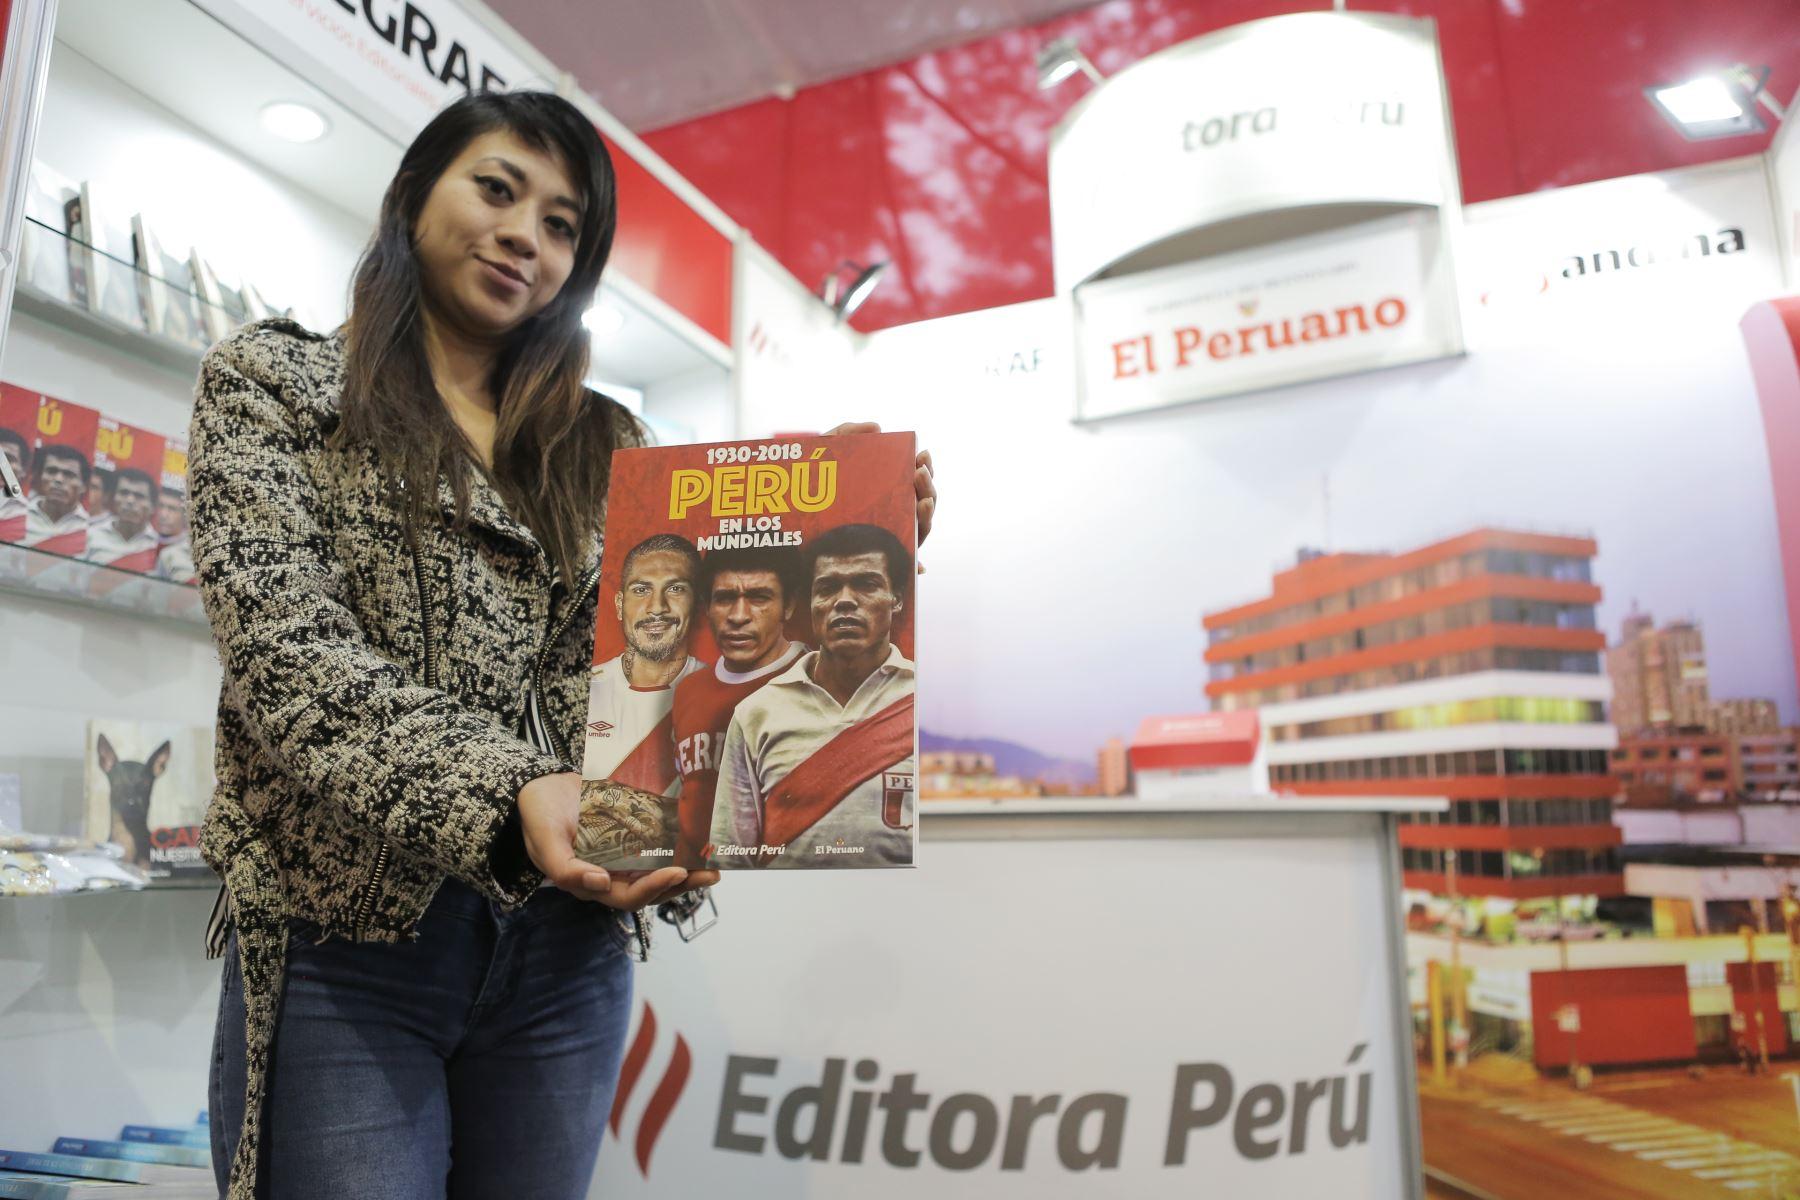 Recorrido por la Feria Internacional del Libro de Lima FIL 2019. Editora Perú presente un año más en la FIL 2019. Foto: ANDINA/David Huamaní